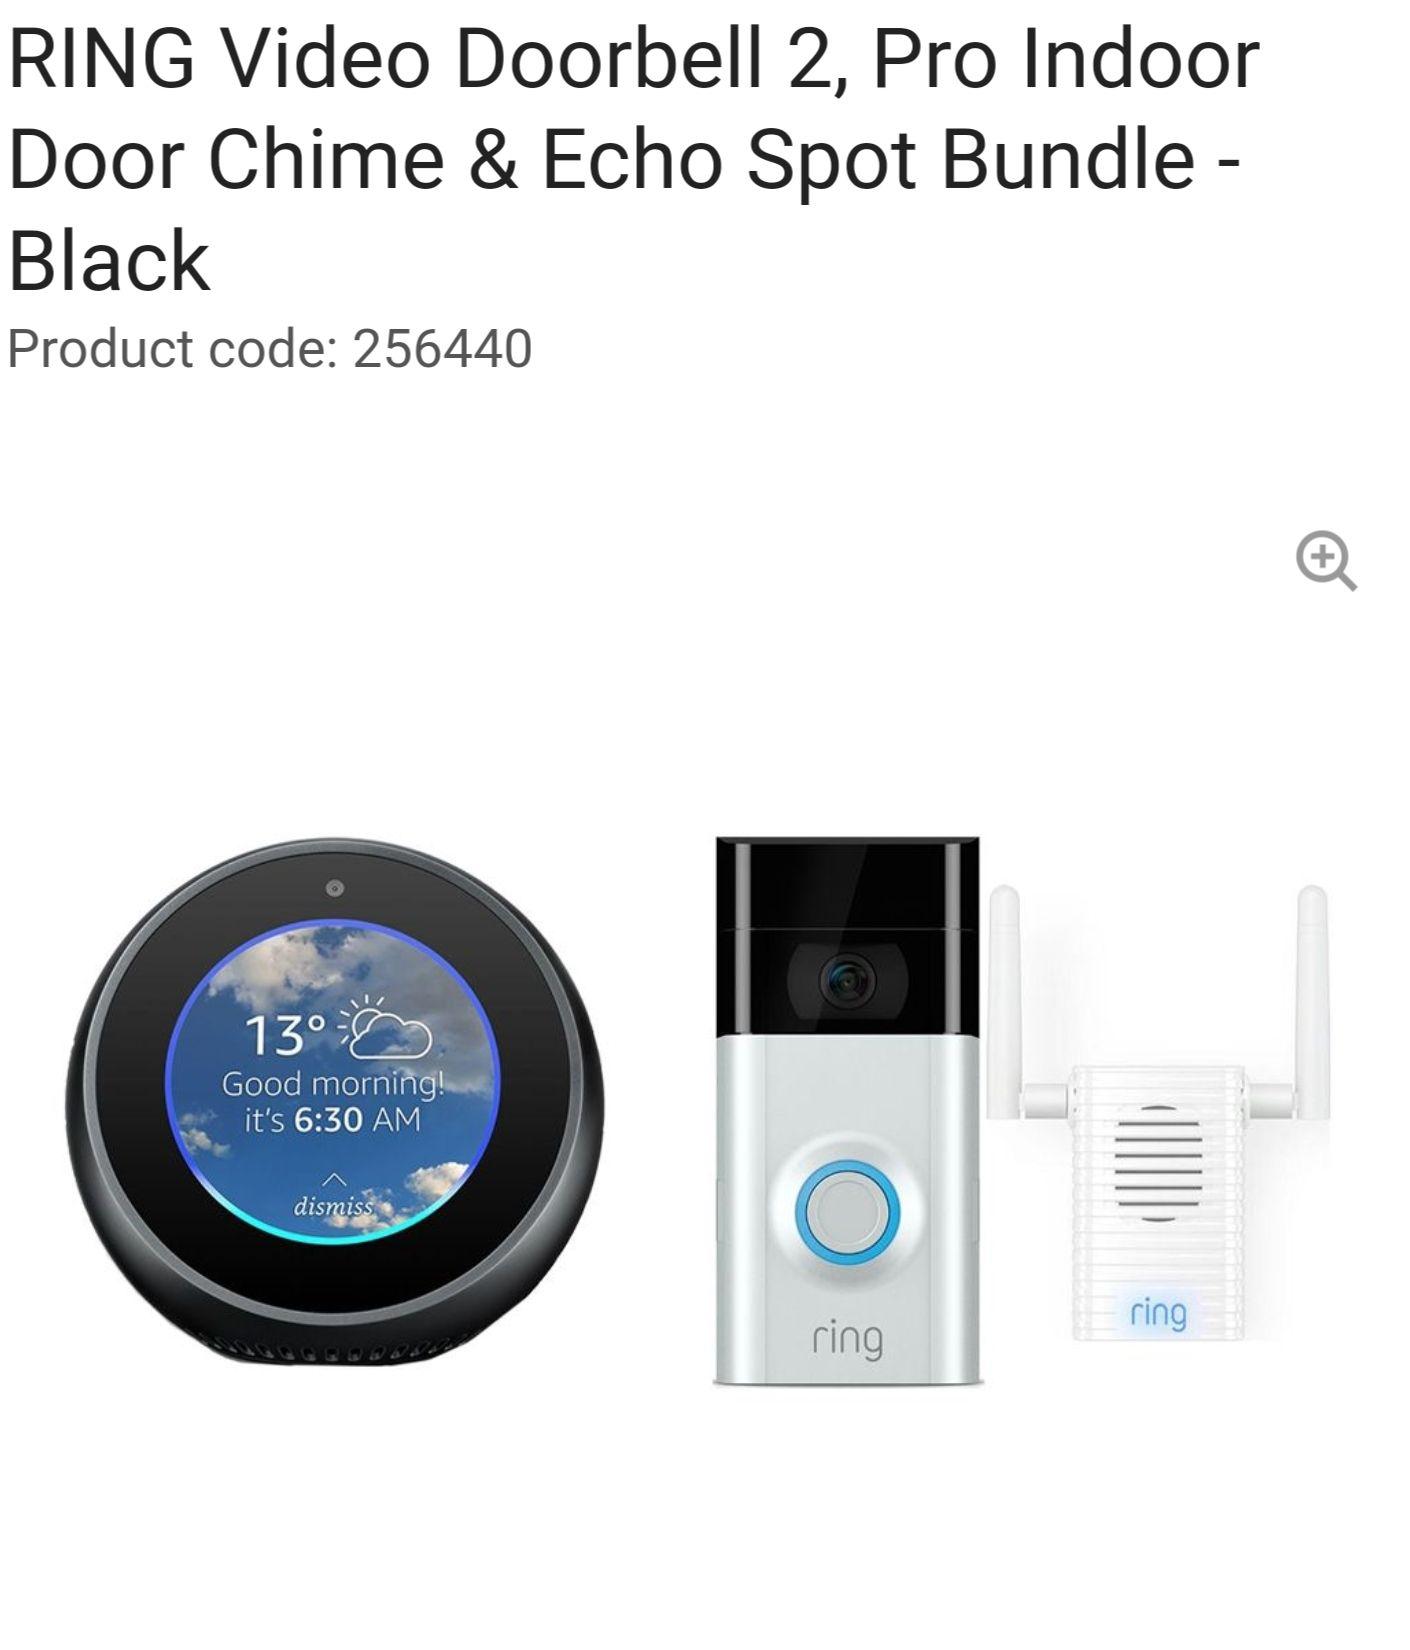 RINGVideo Doorbell 2, Pro Indoor Door Chime & Echo Spot Bundle - Black £149.99 @ Currys